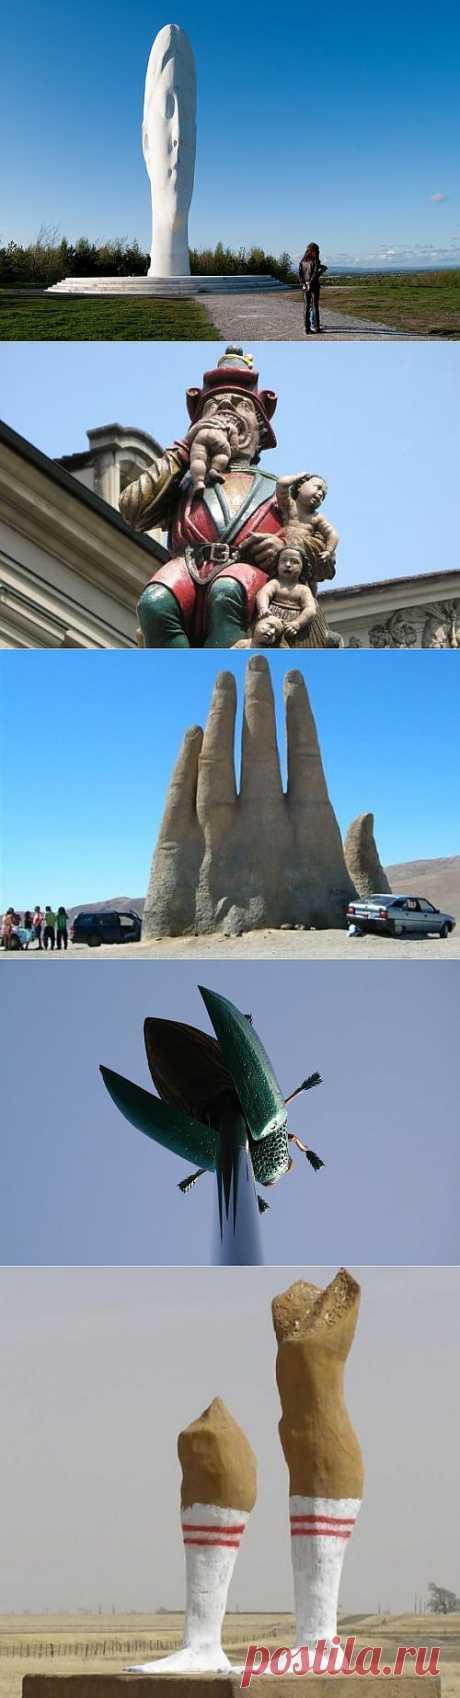 Самые странные статуи на планете